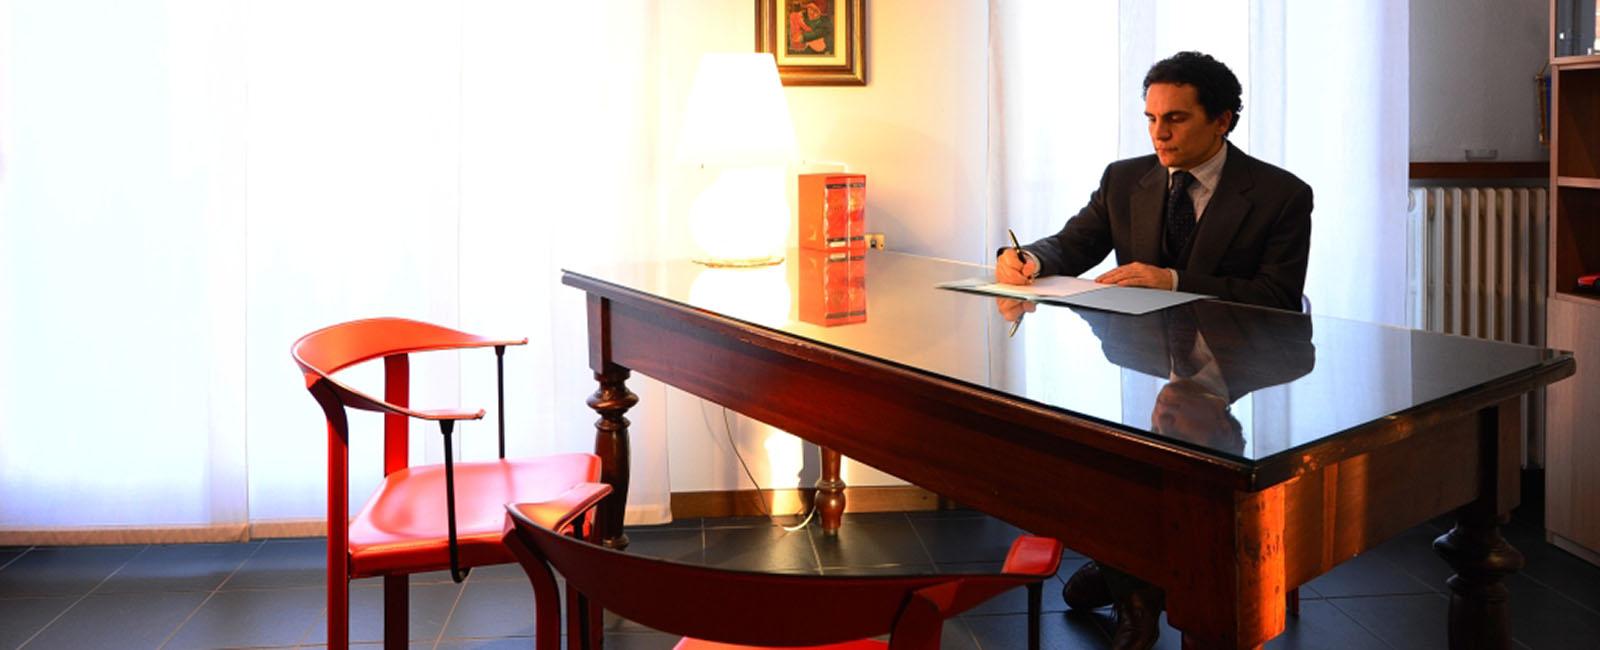 Avvocato Immigrazione Sulbiate - Contattaci per una consulenza